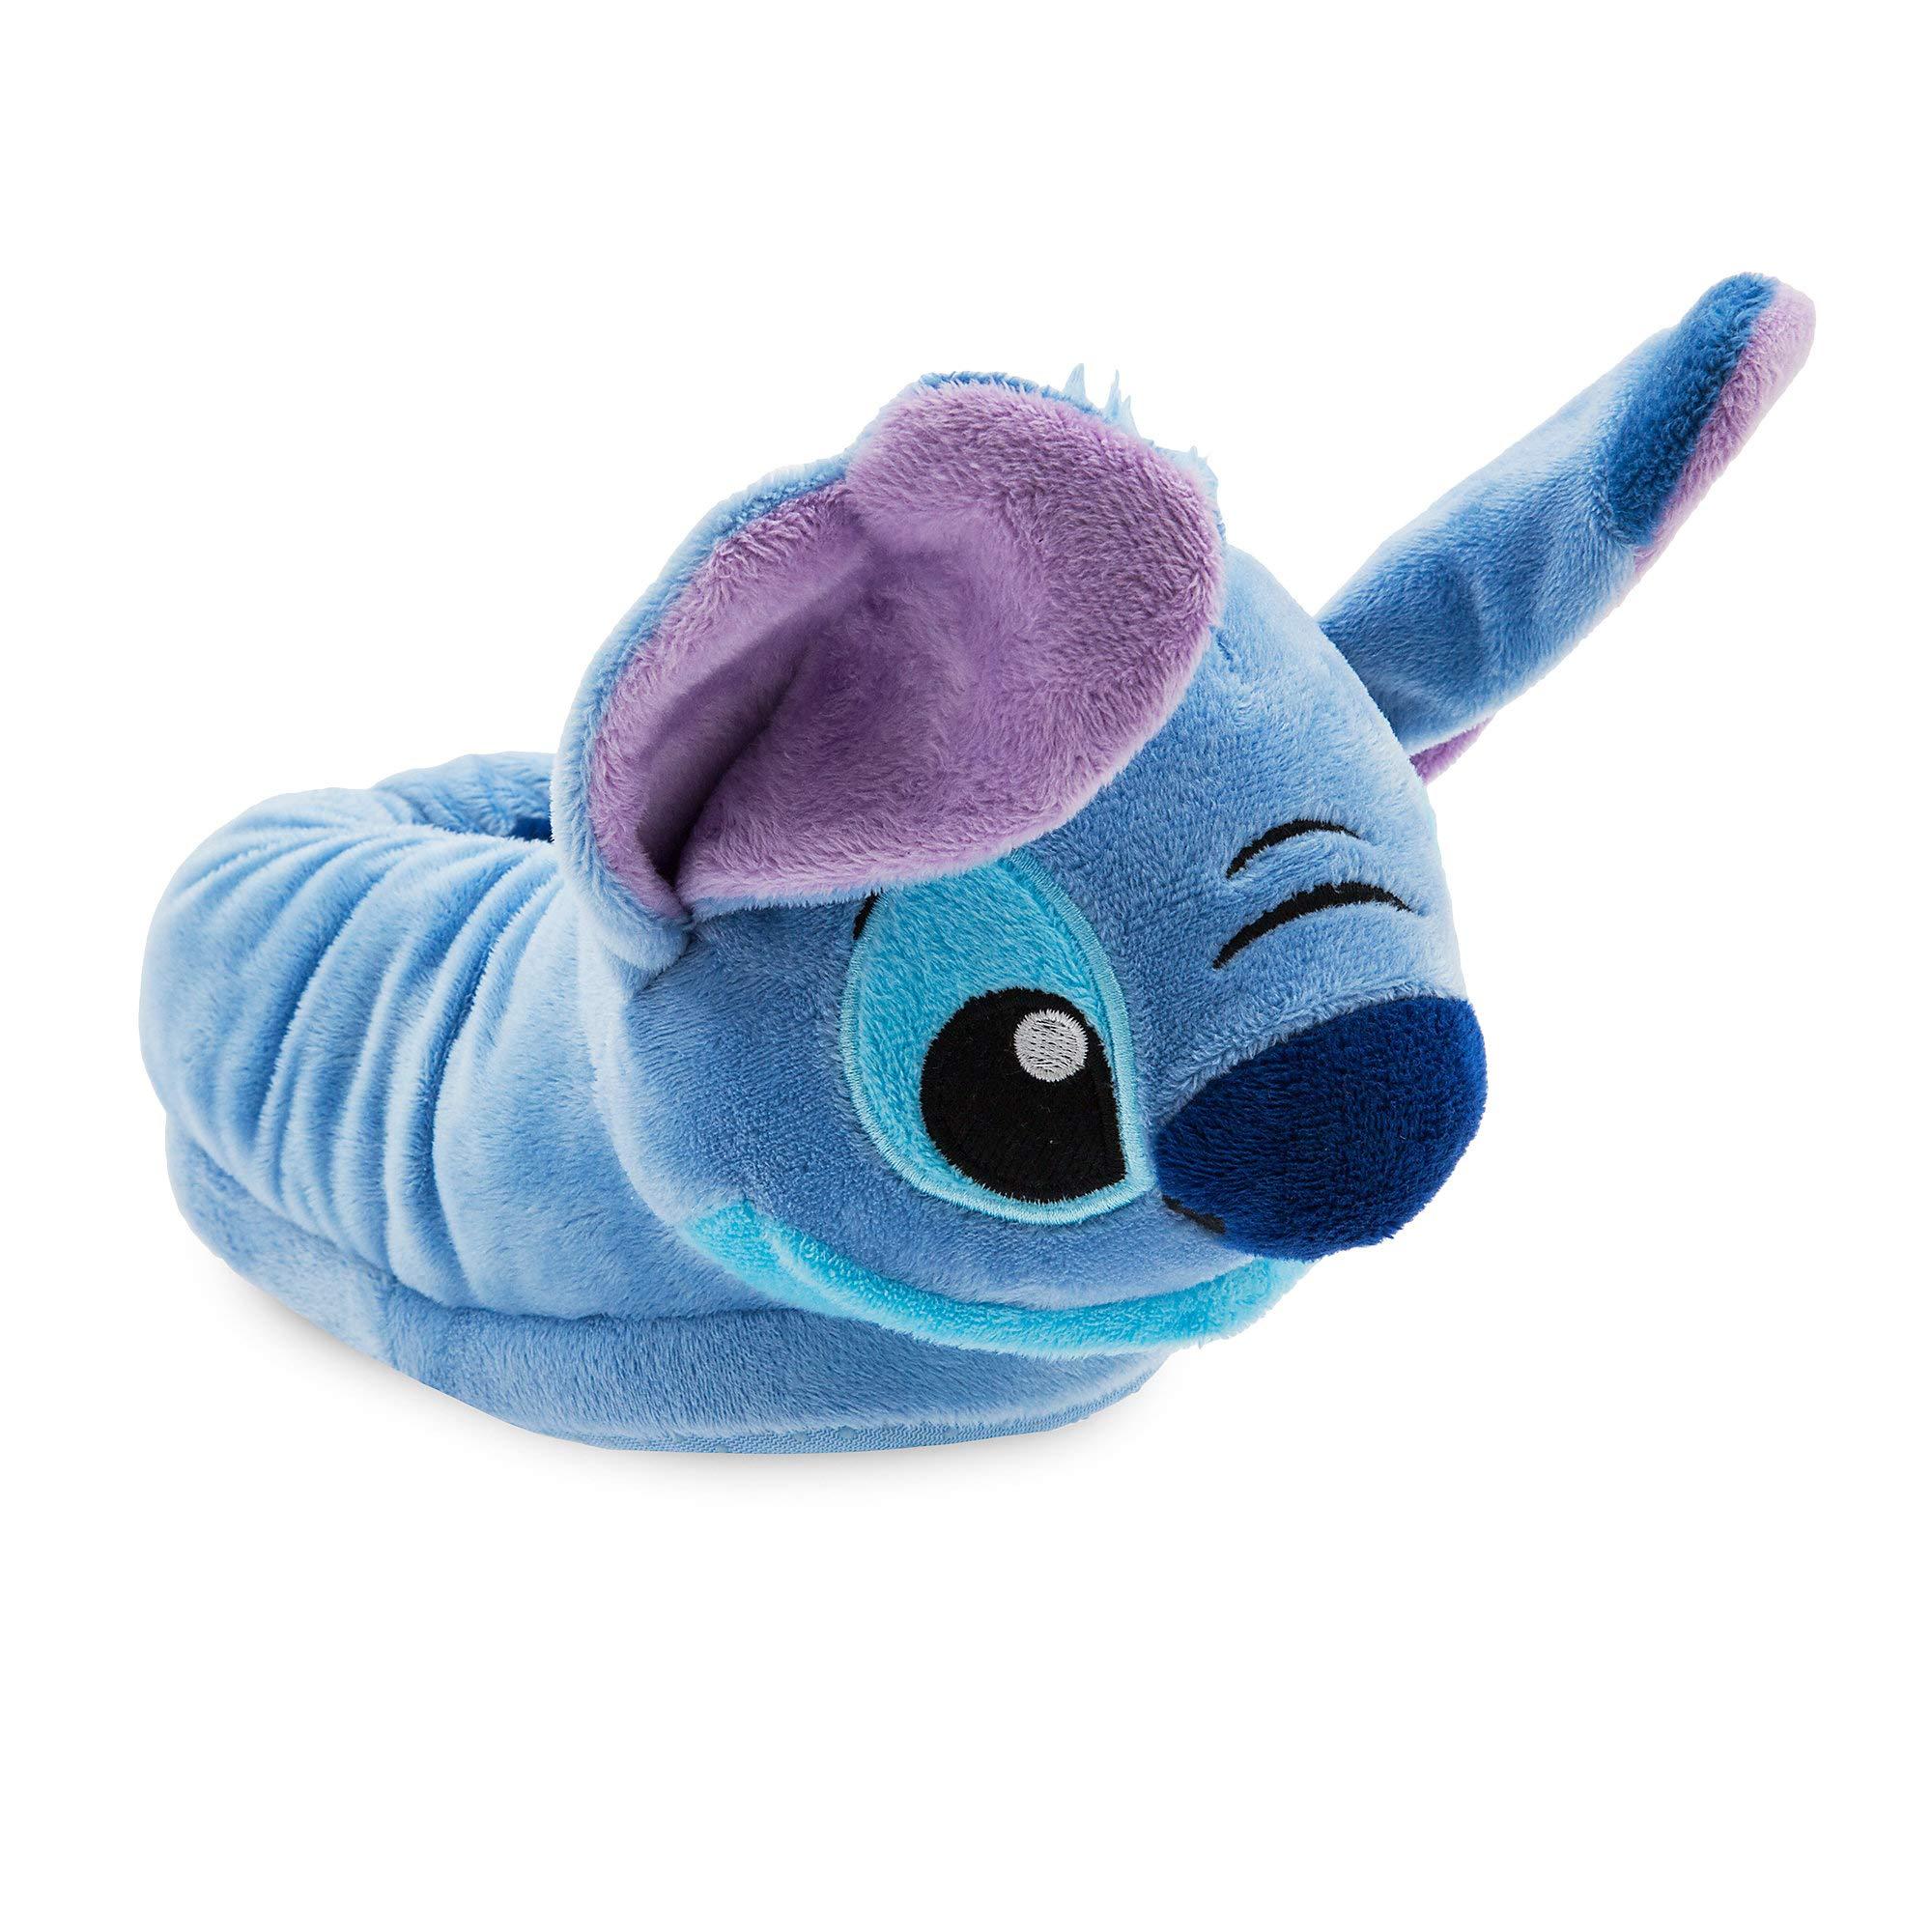 Stitch Slippers for Kids - Lilo & Stitch,Blue,13/1 YTH